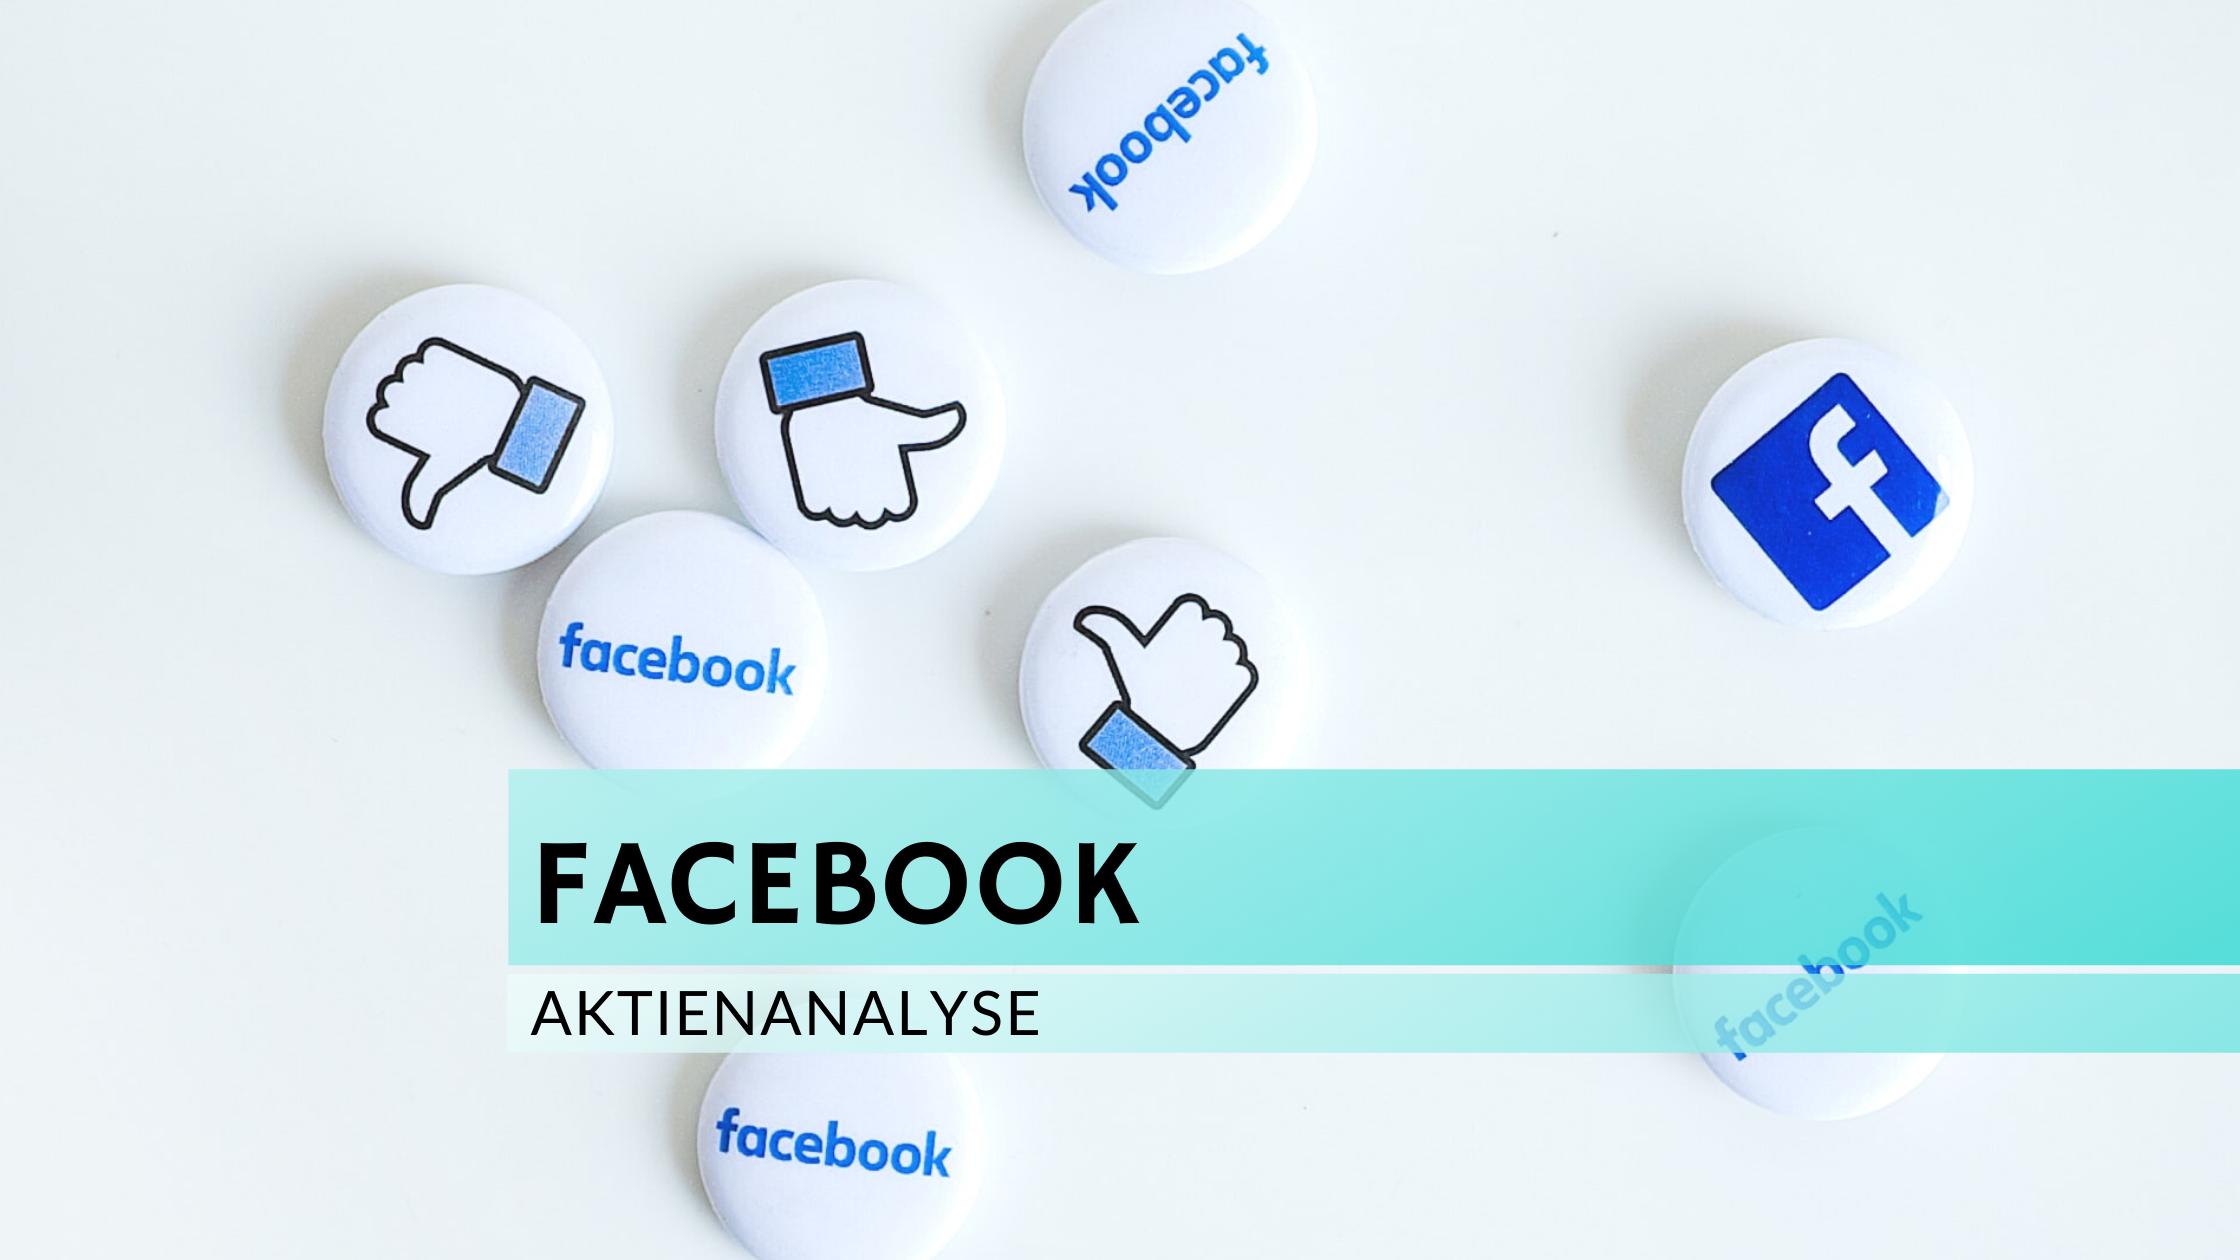 Facebook Aktienanalyse